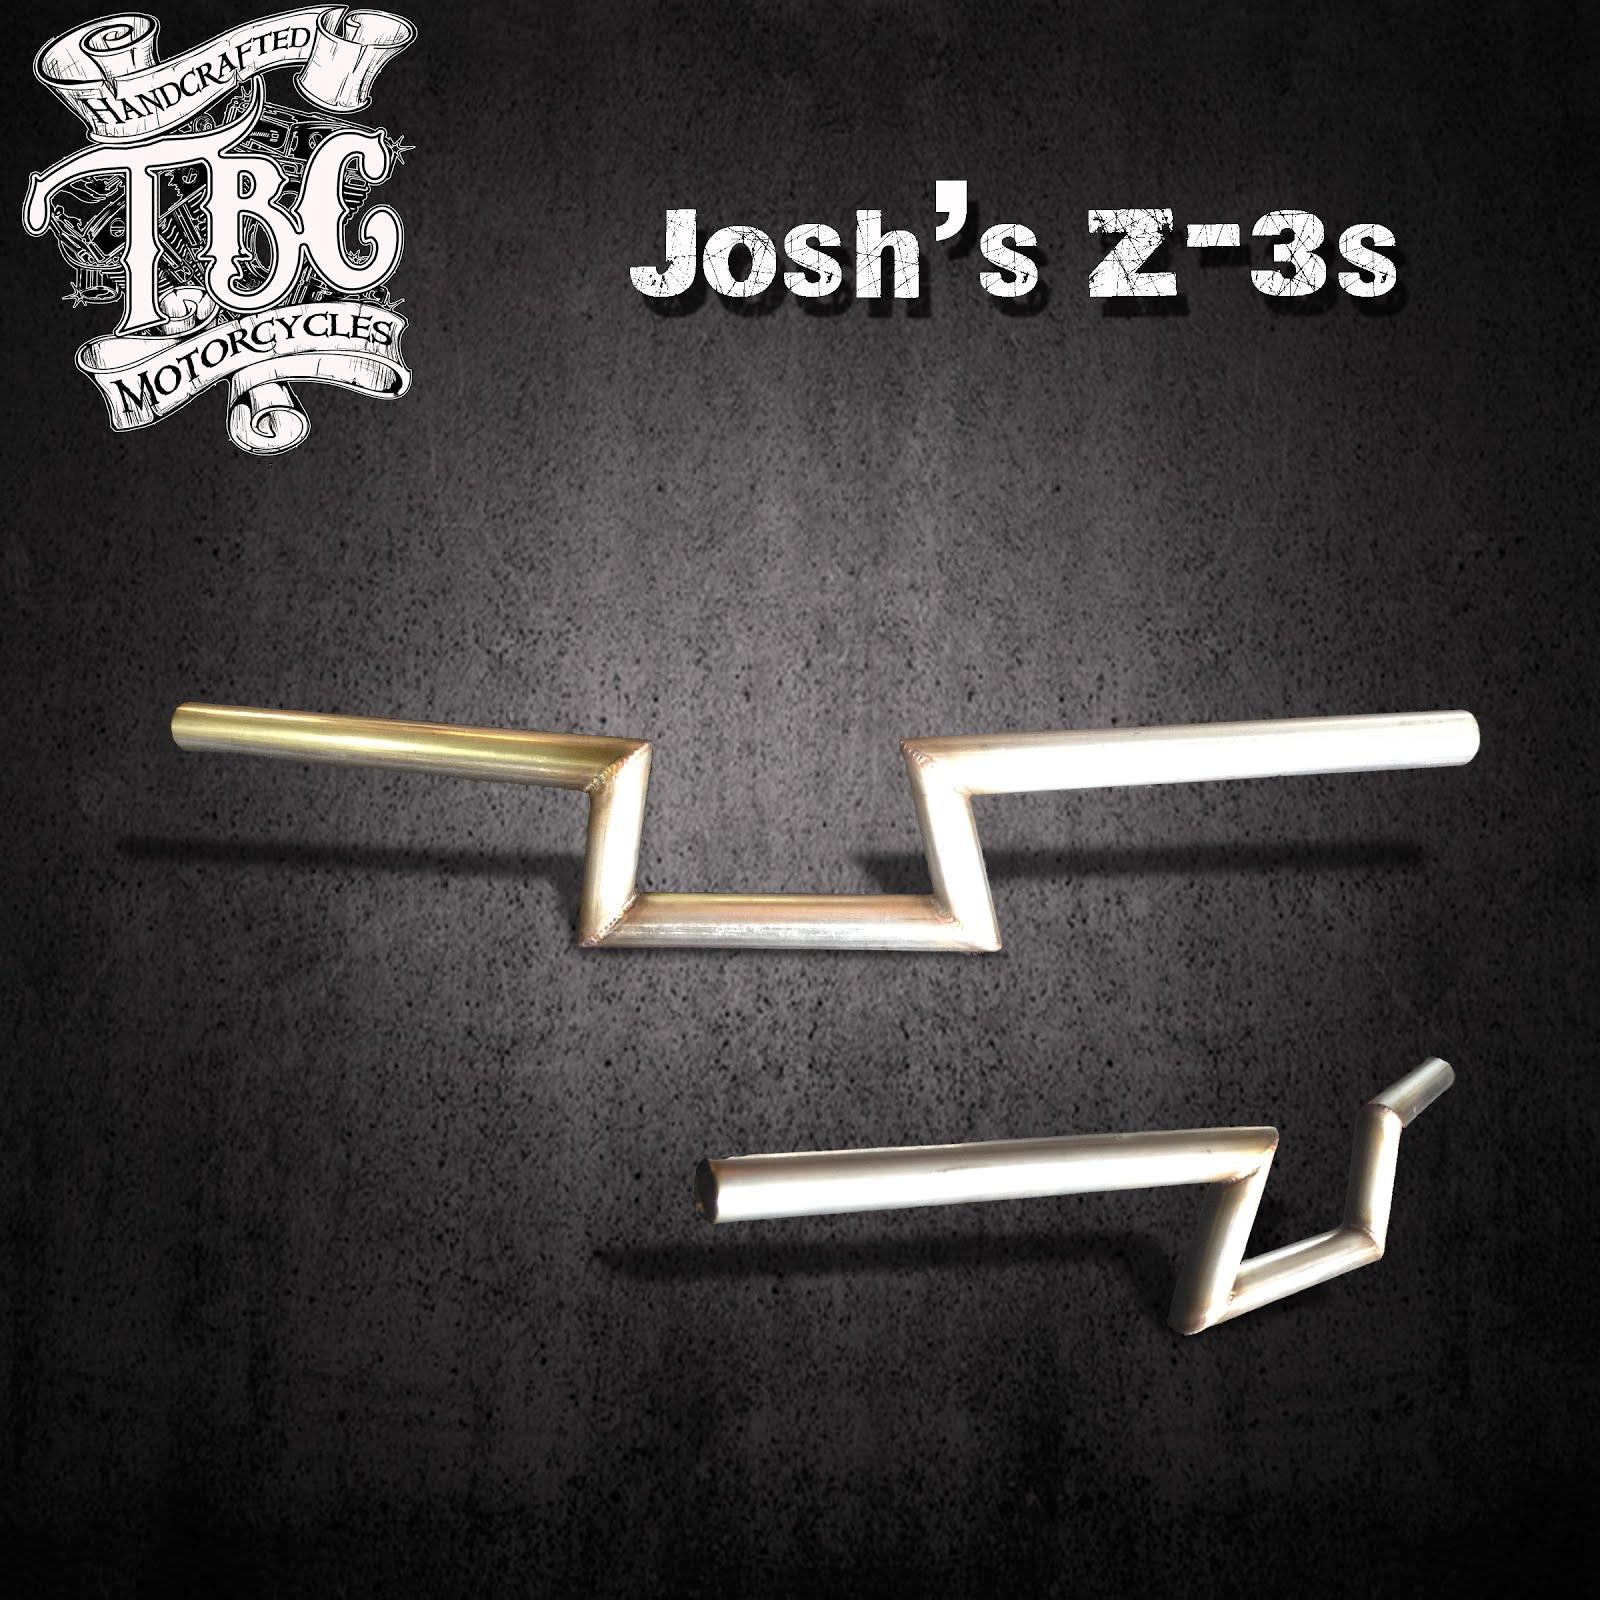 Josh's Z-3's